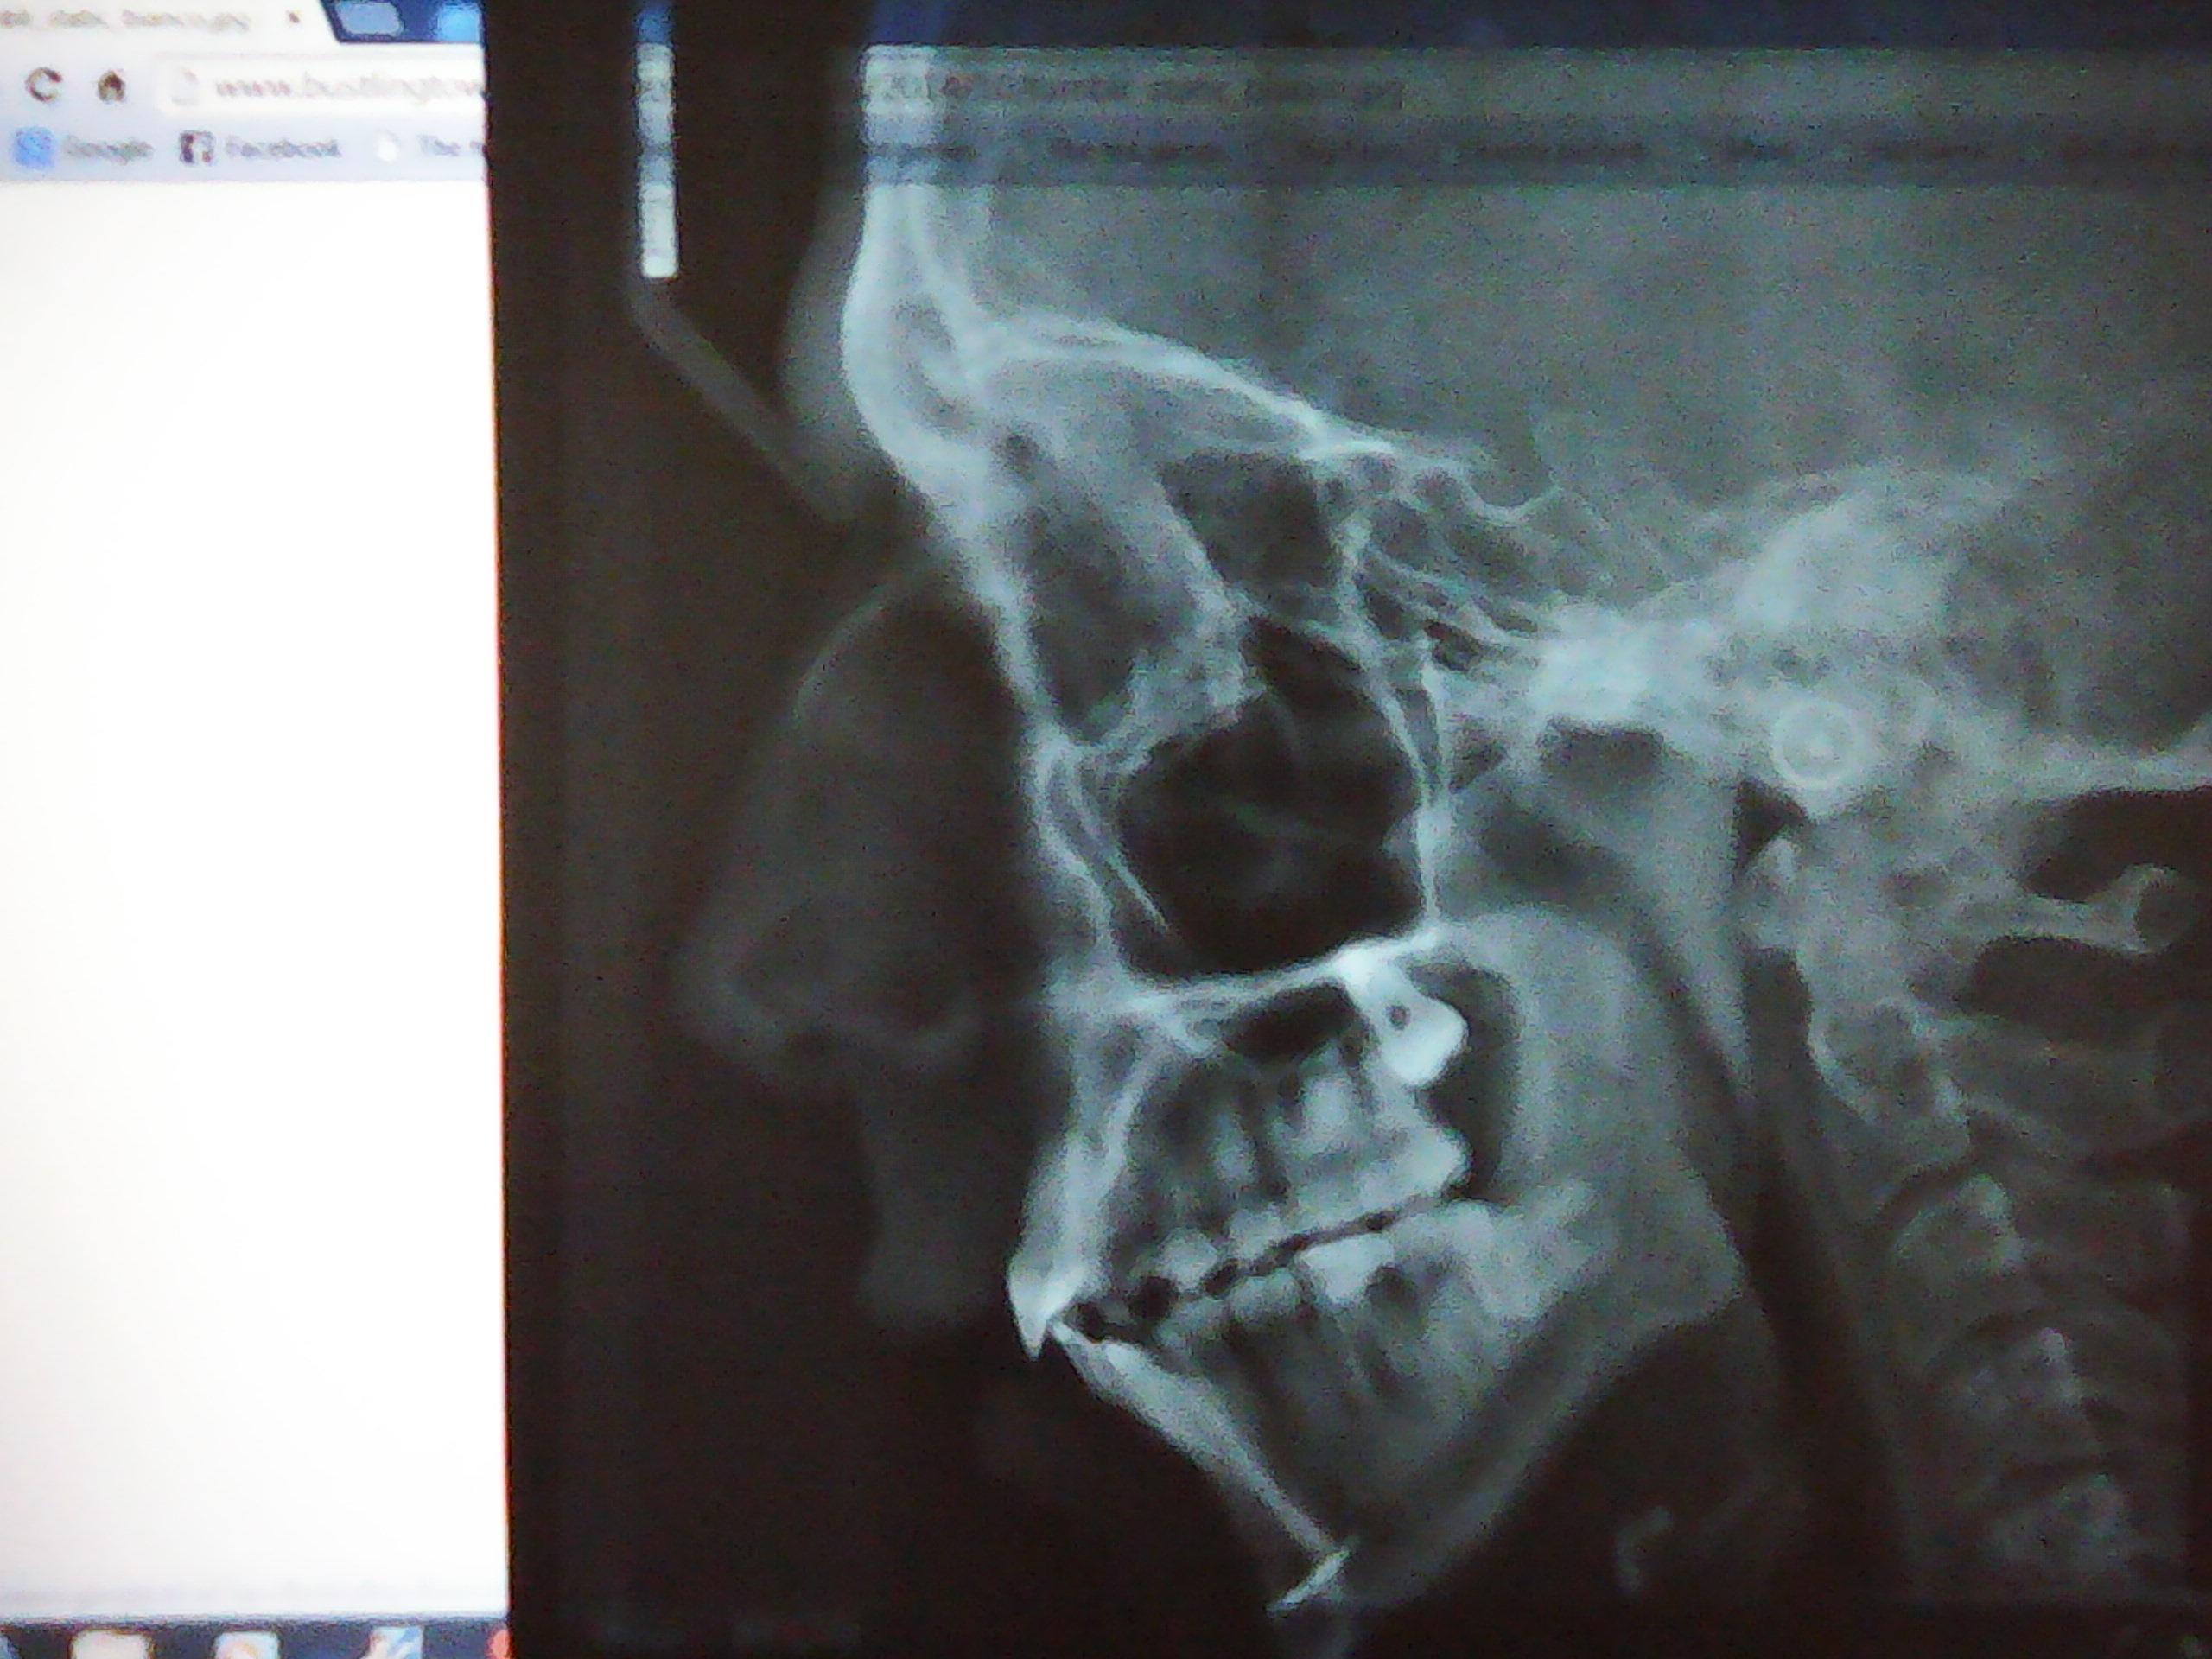 E' necessario un trattamento ortodontico?